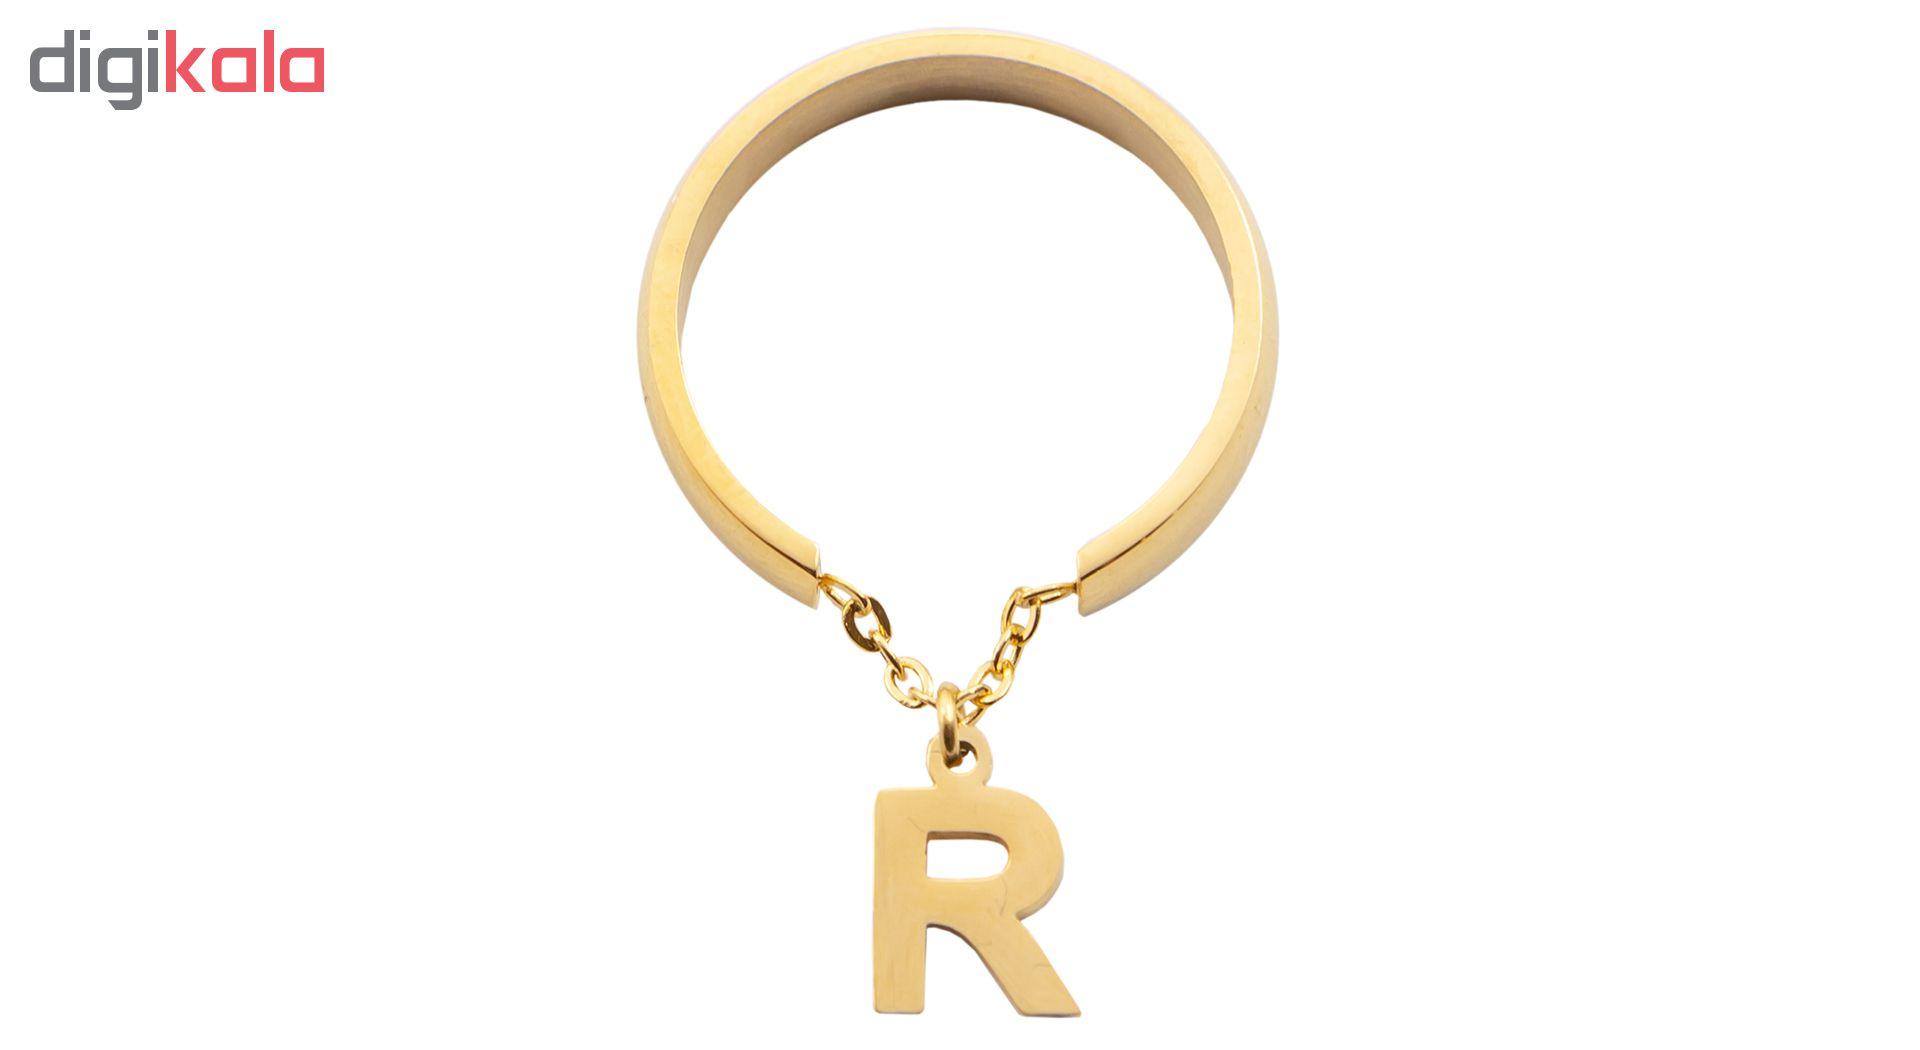 انگشتر زنانه بهارگالری طرح حرف R main 1 1